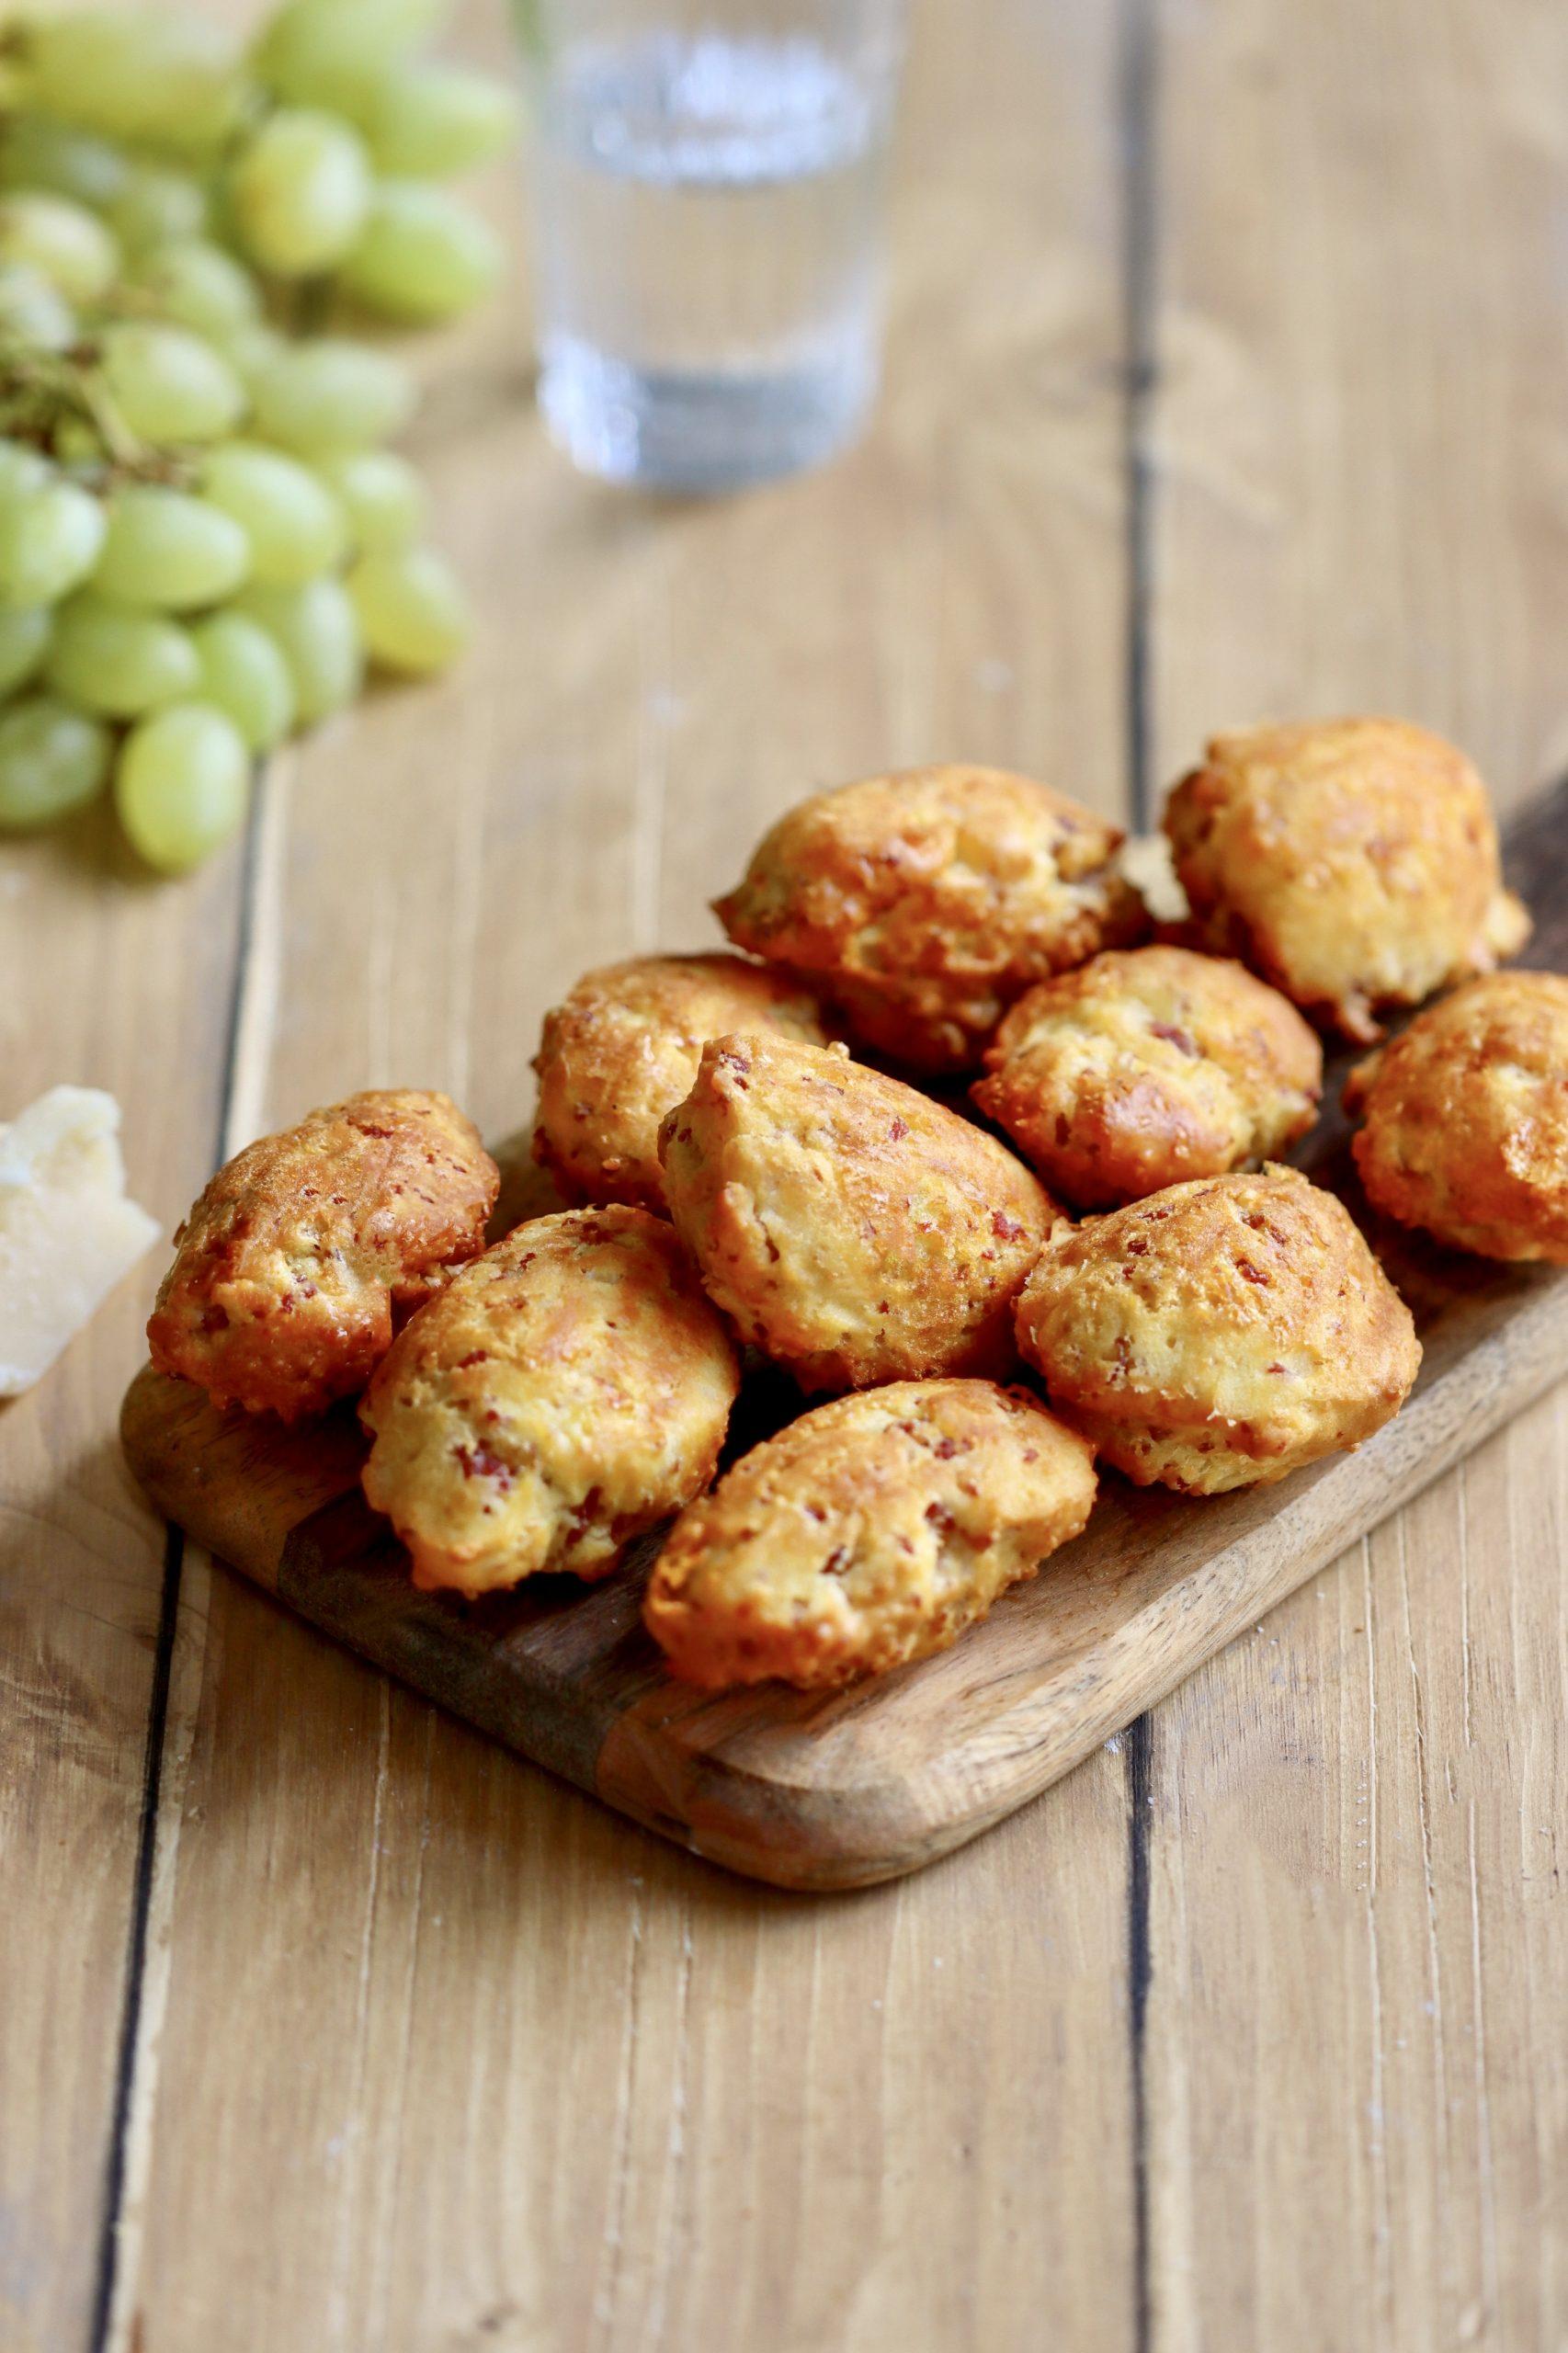 Recette – Les madeleines salées: parmesan  et pancetta